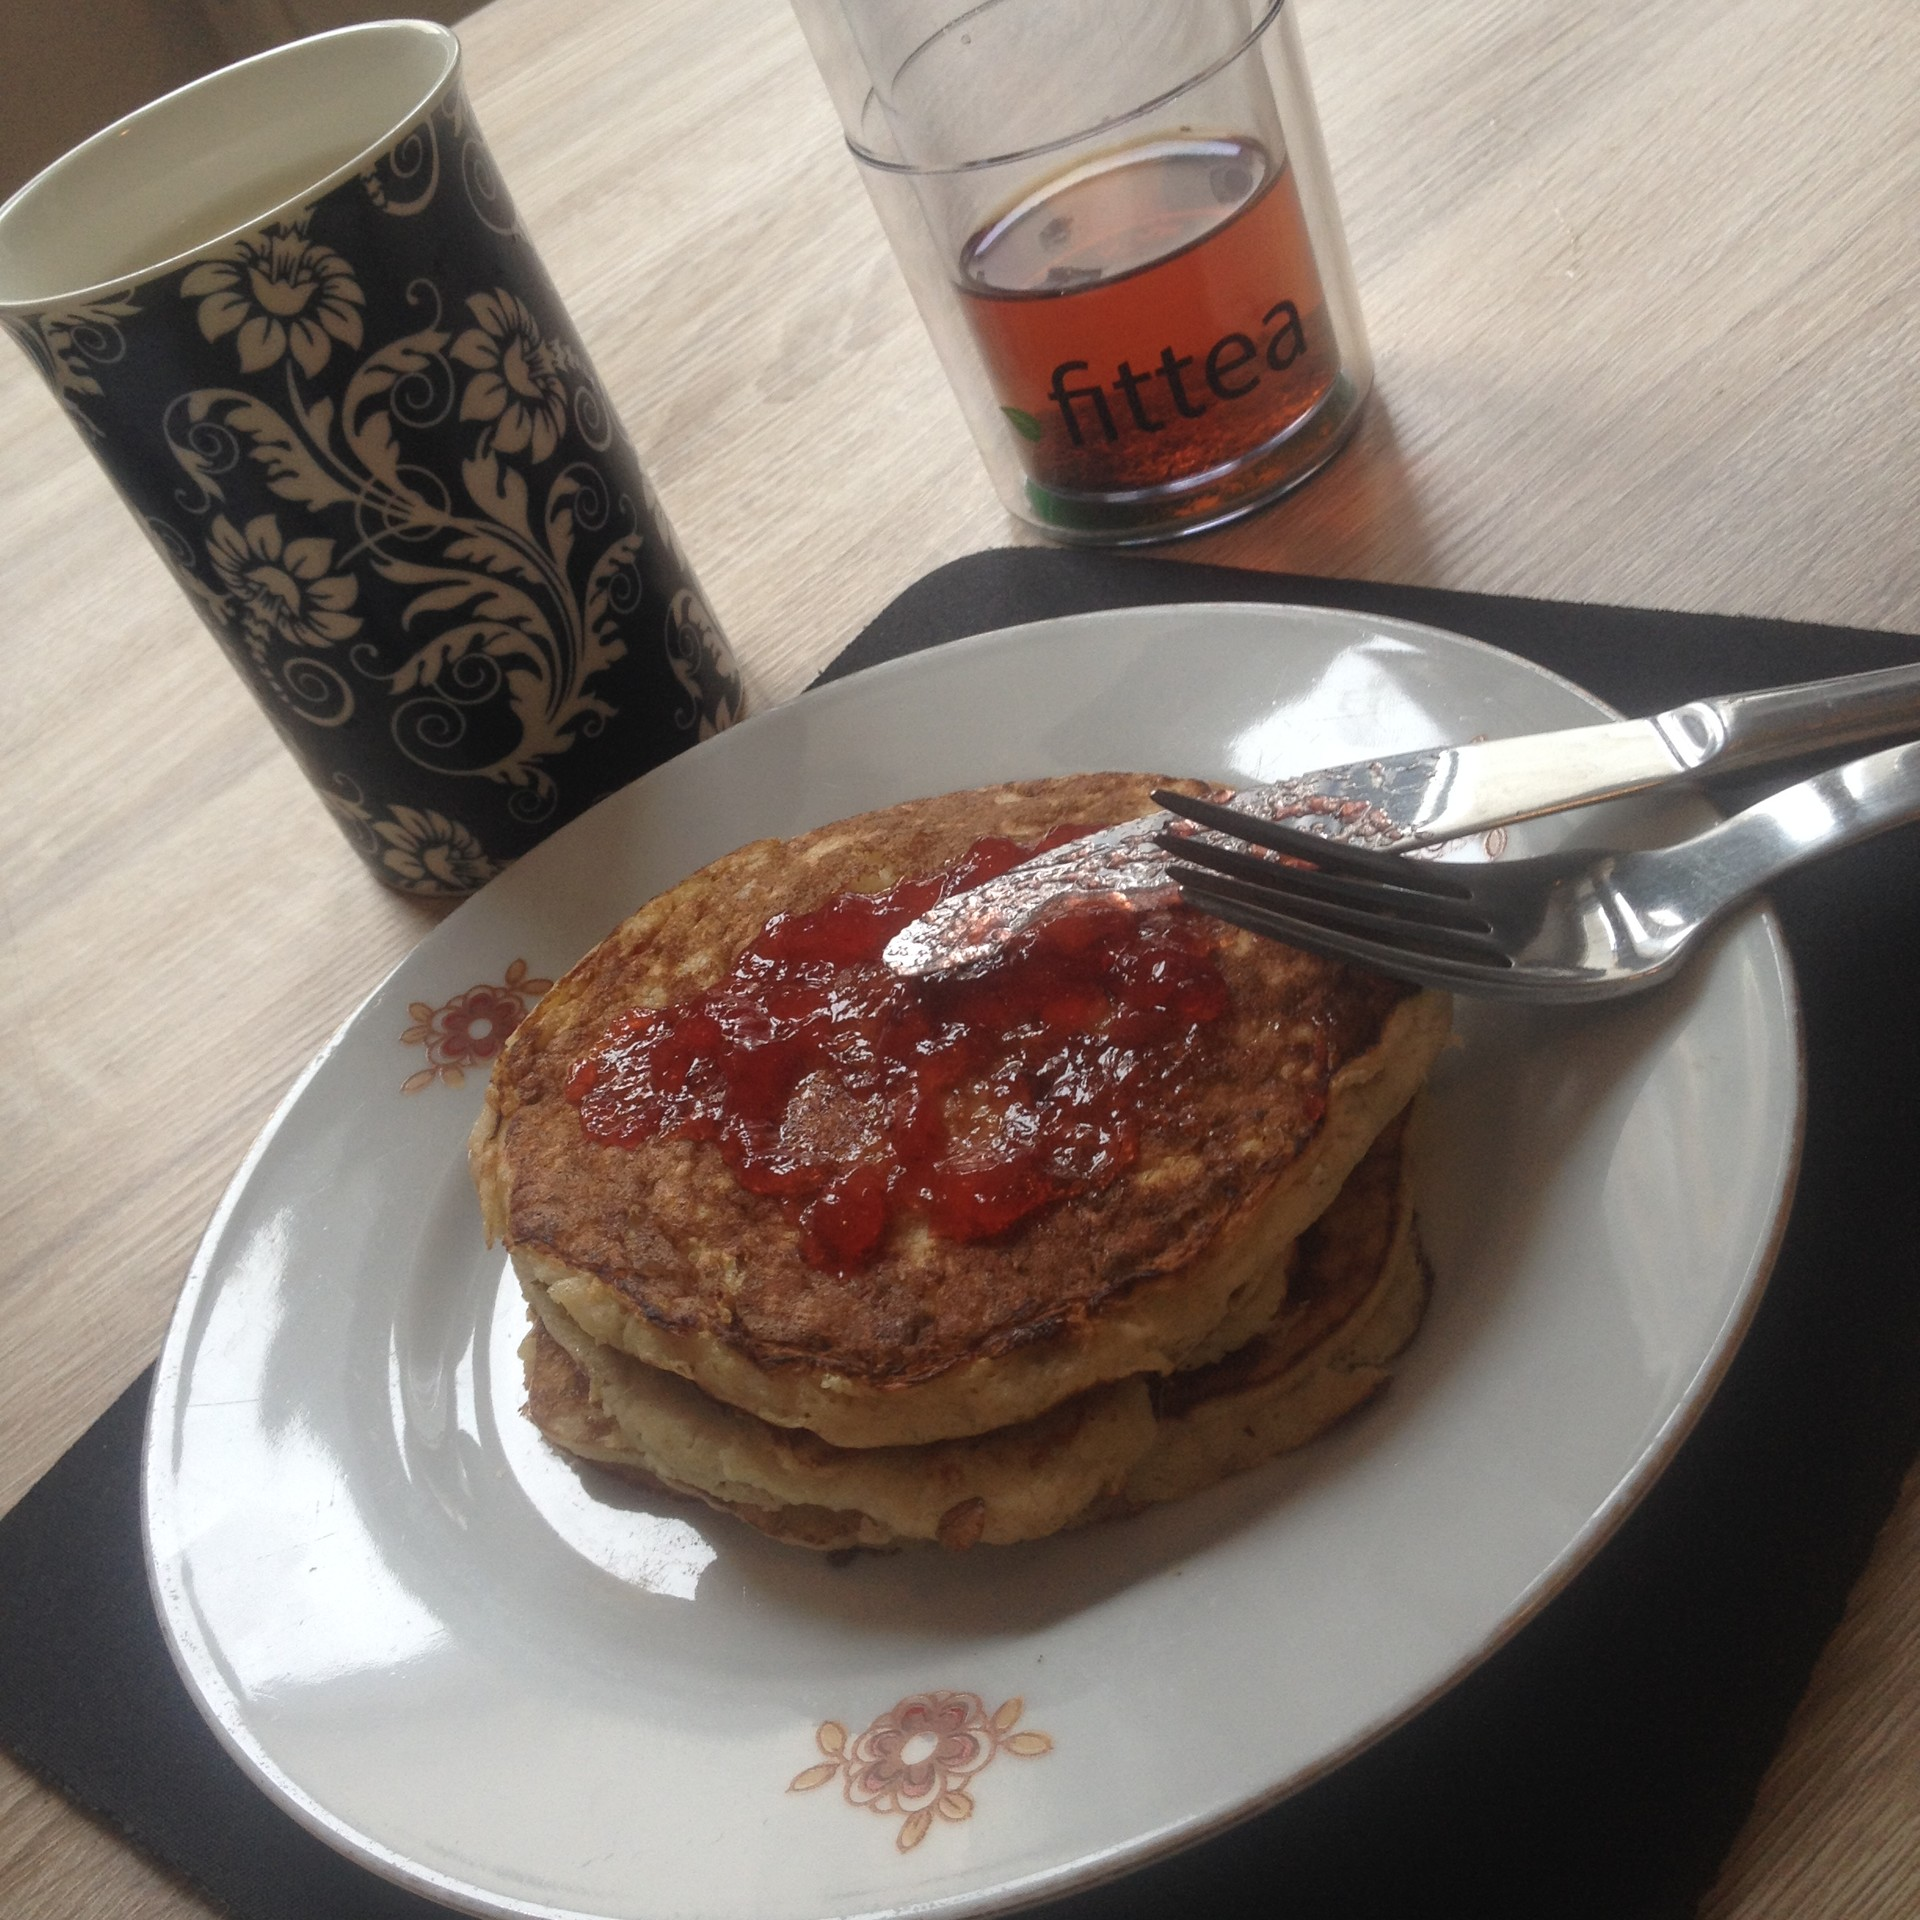 pancakes-platano-e725fa7362a84a8f0d0288c